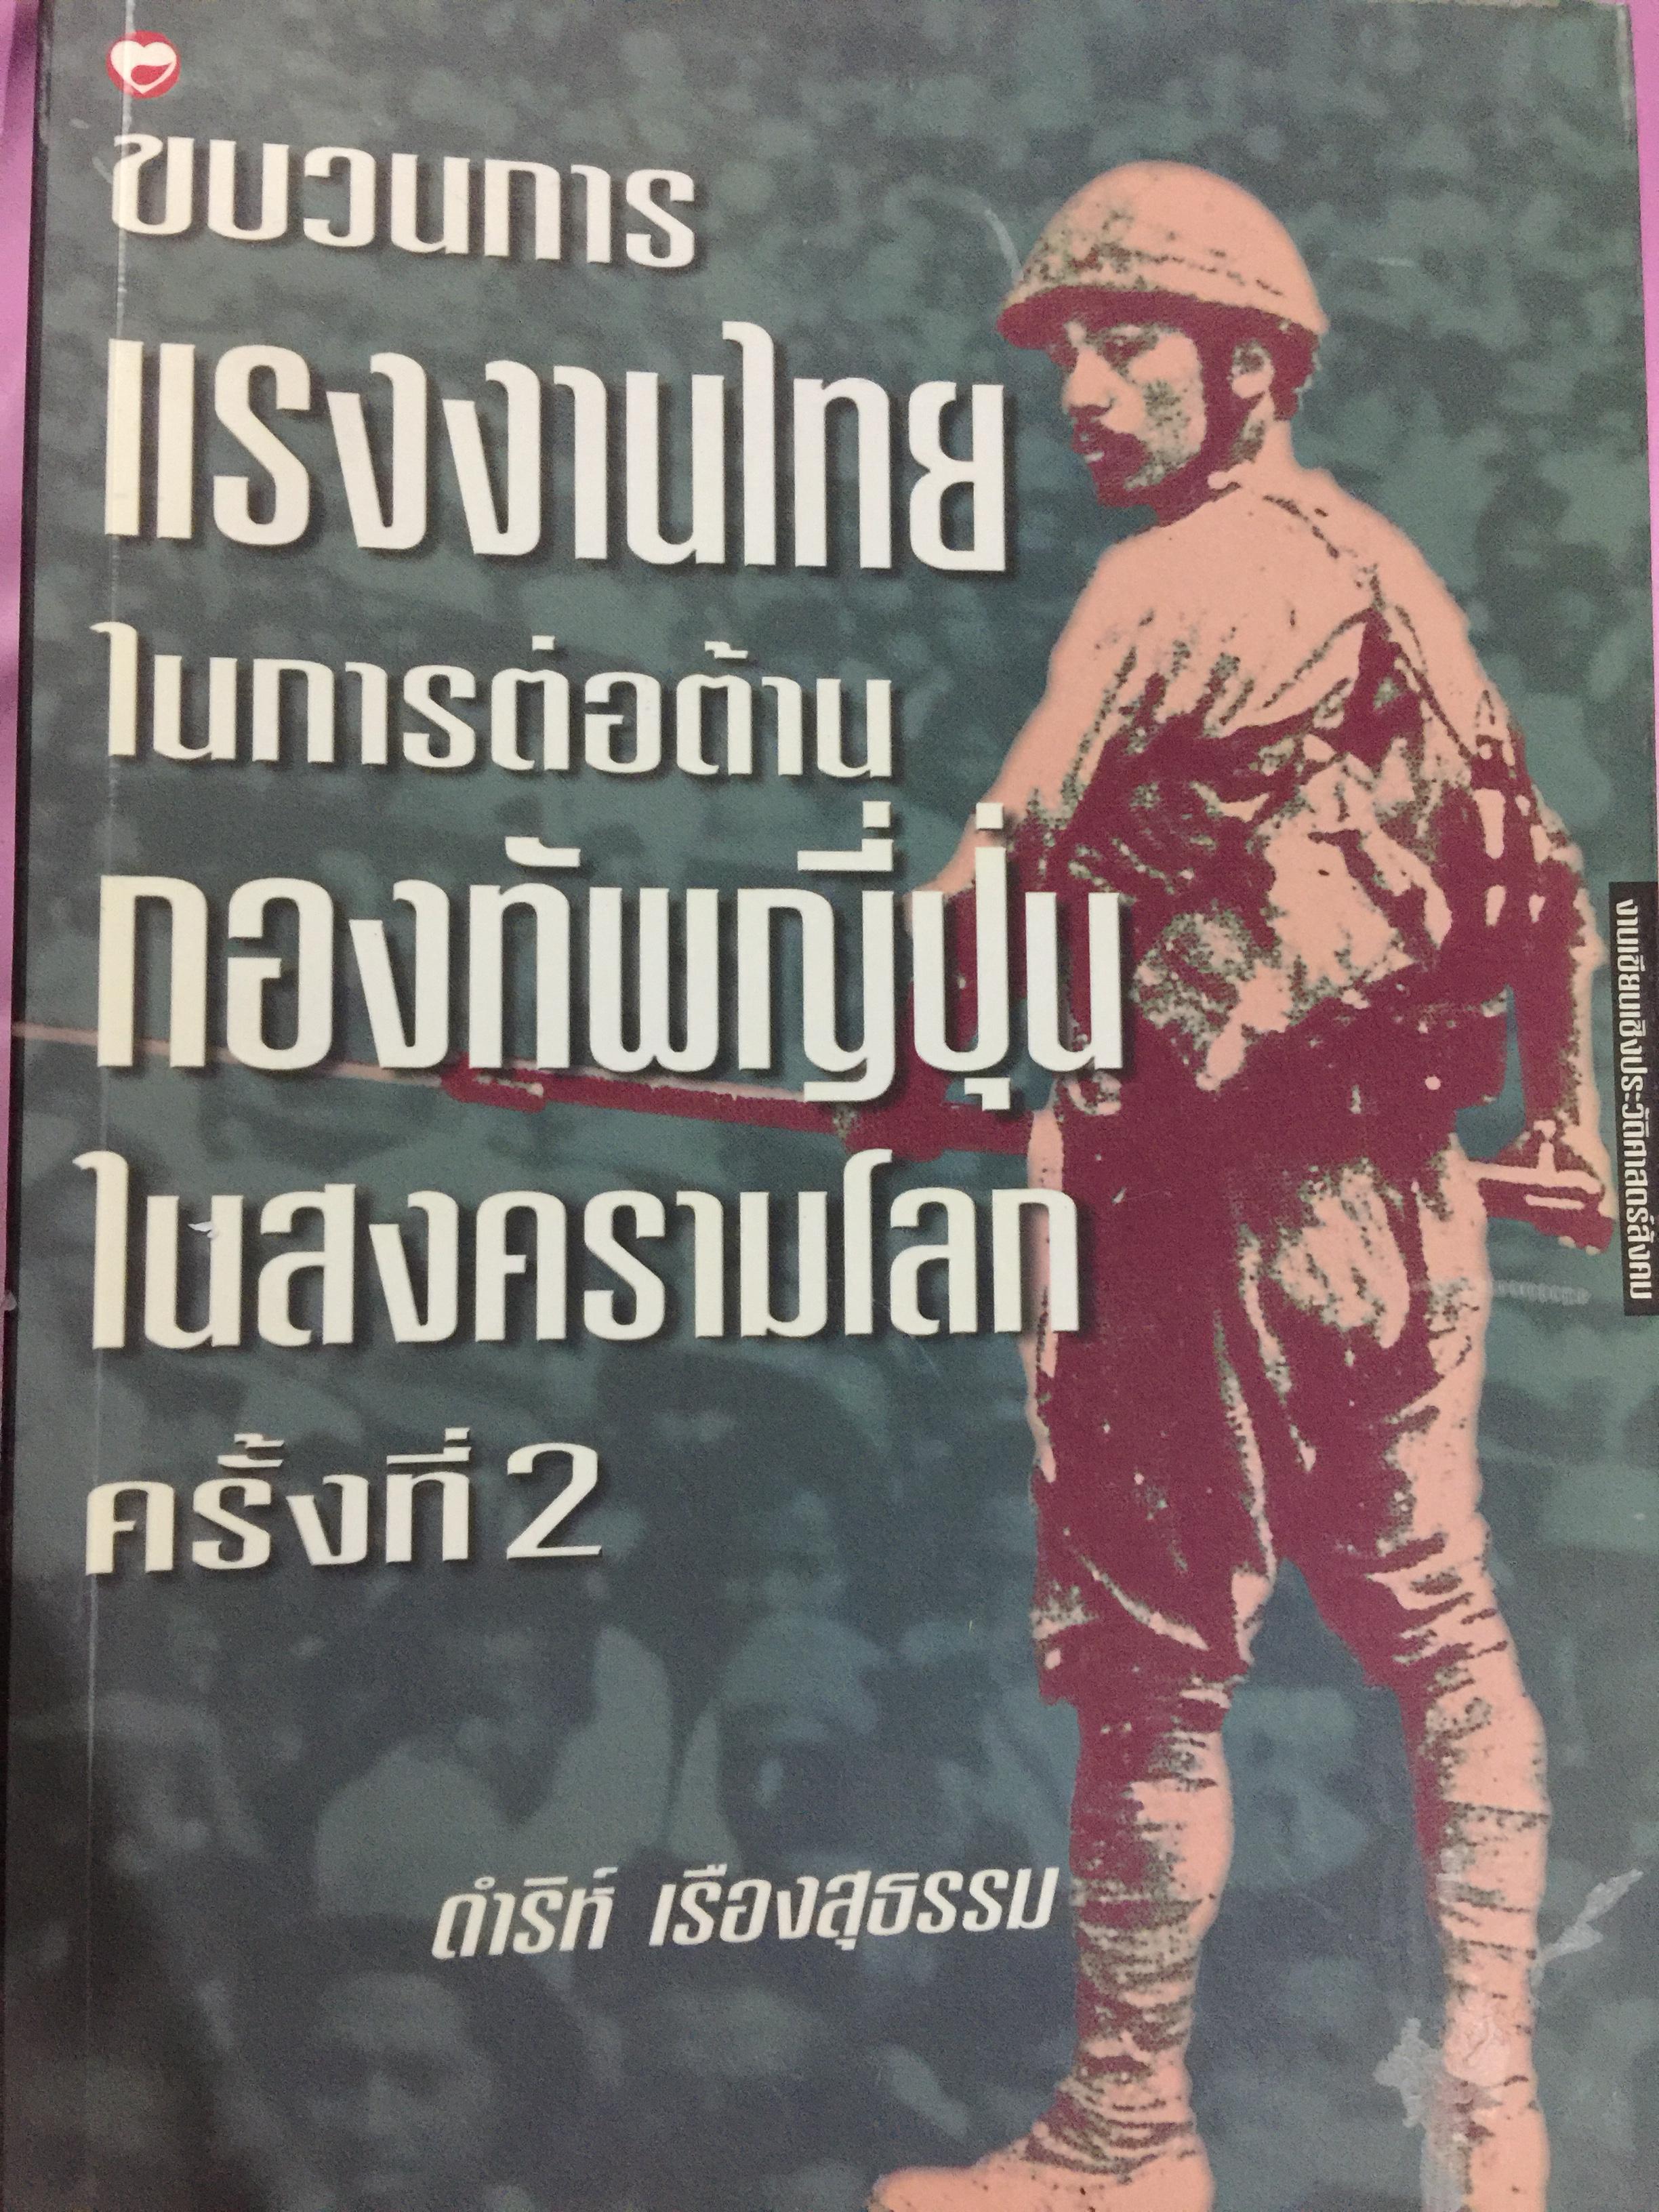 ขบวนการแรงงานไทยในการต่อต้านกองทัพญี่ปุ่นในสงครามโลกครั้งที่สอง. โดย ดำริห์ เรืองสุธรรม